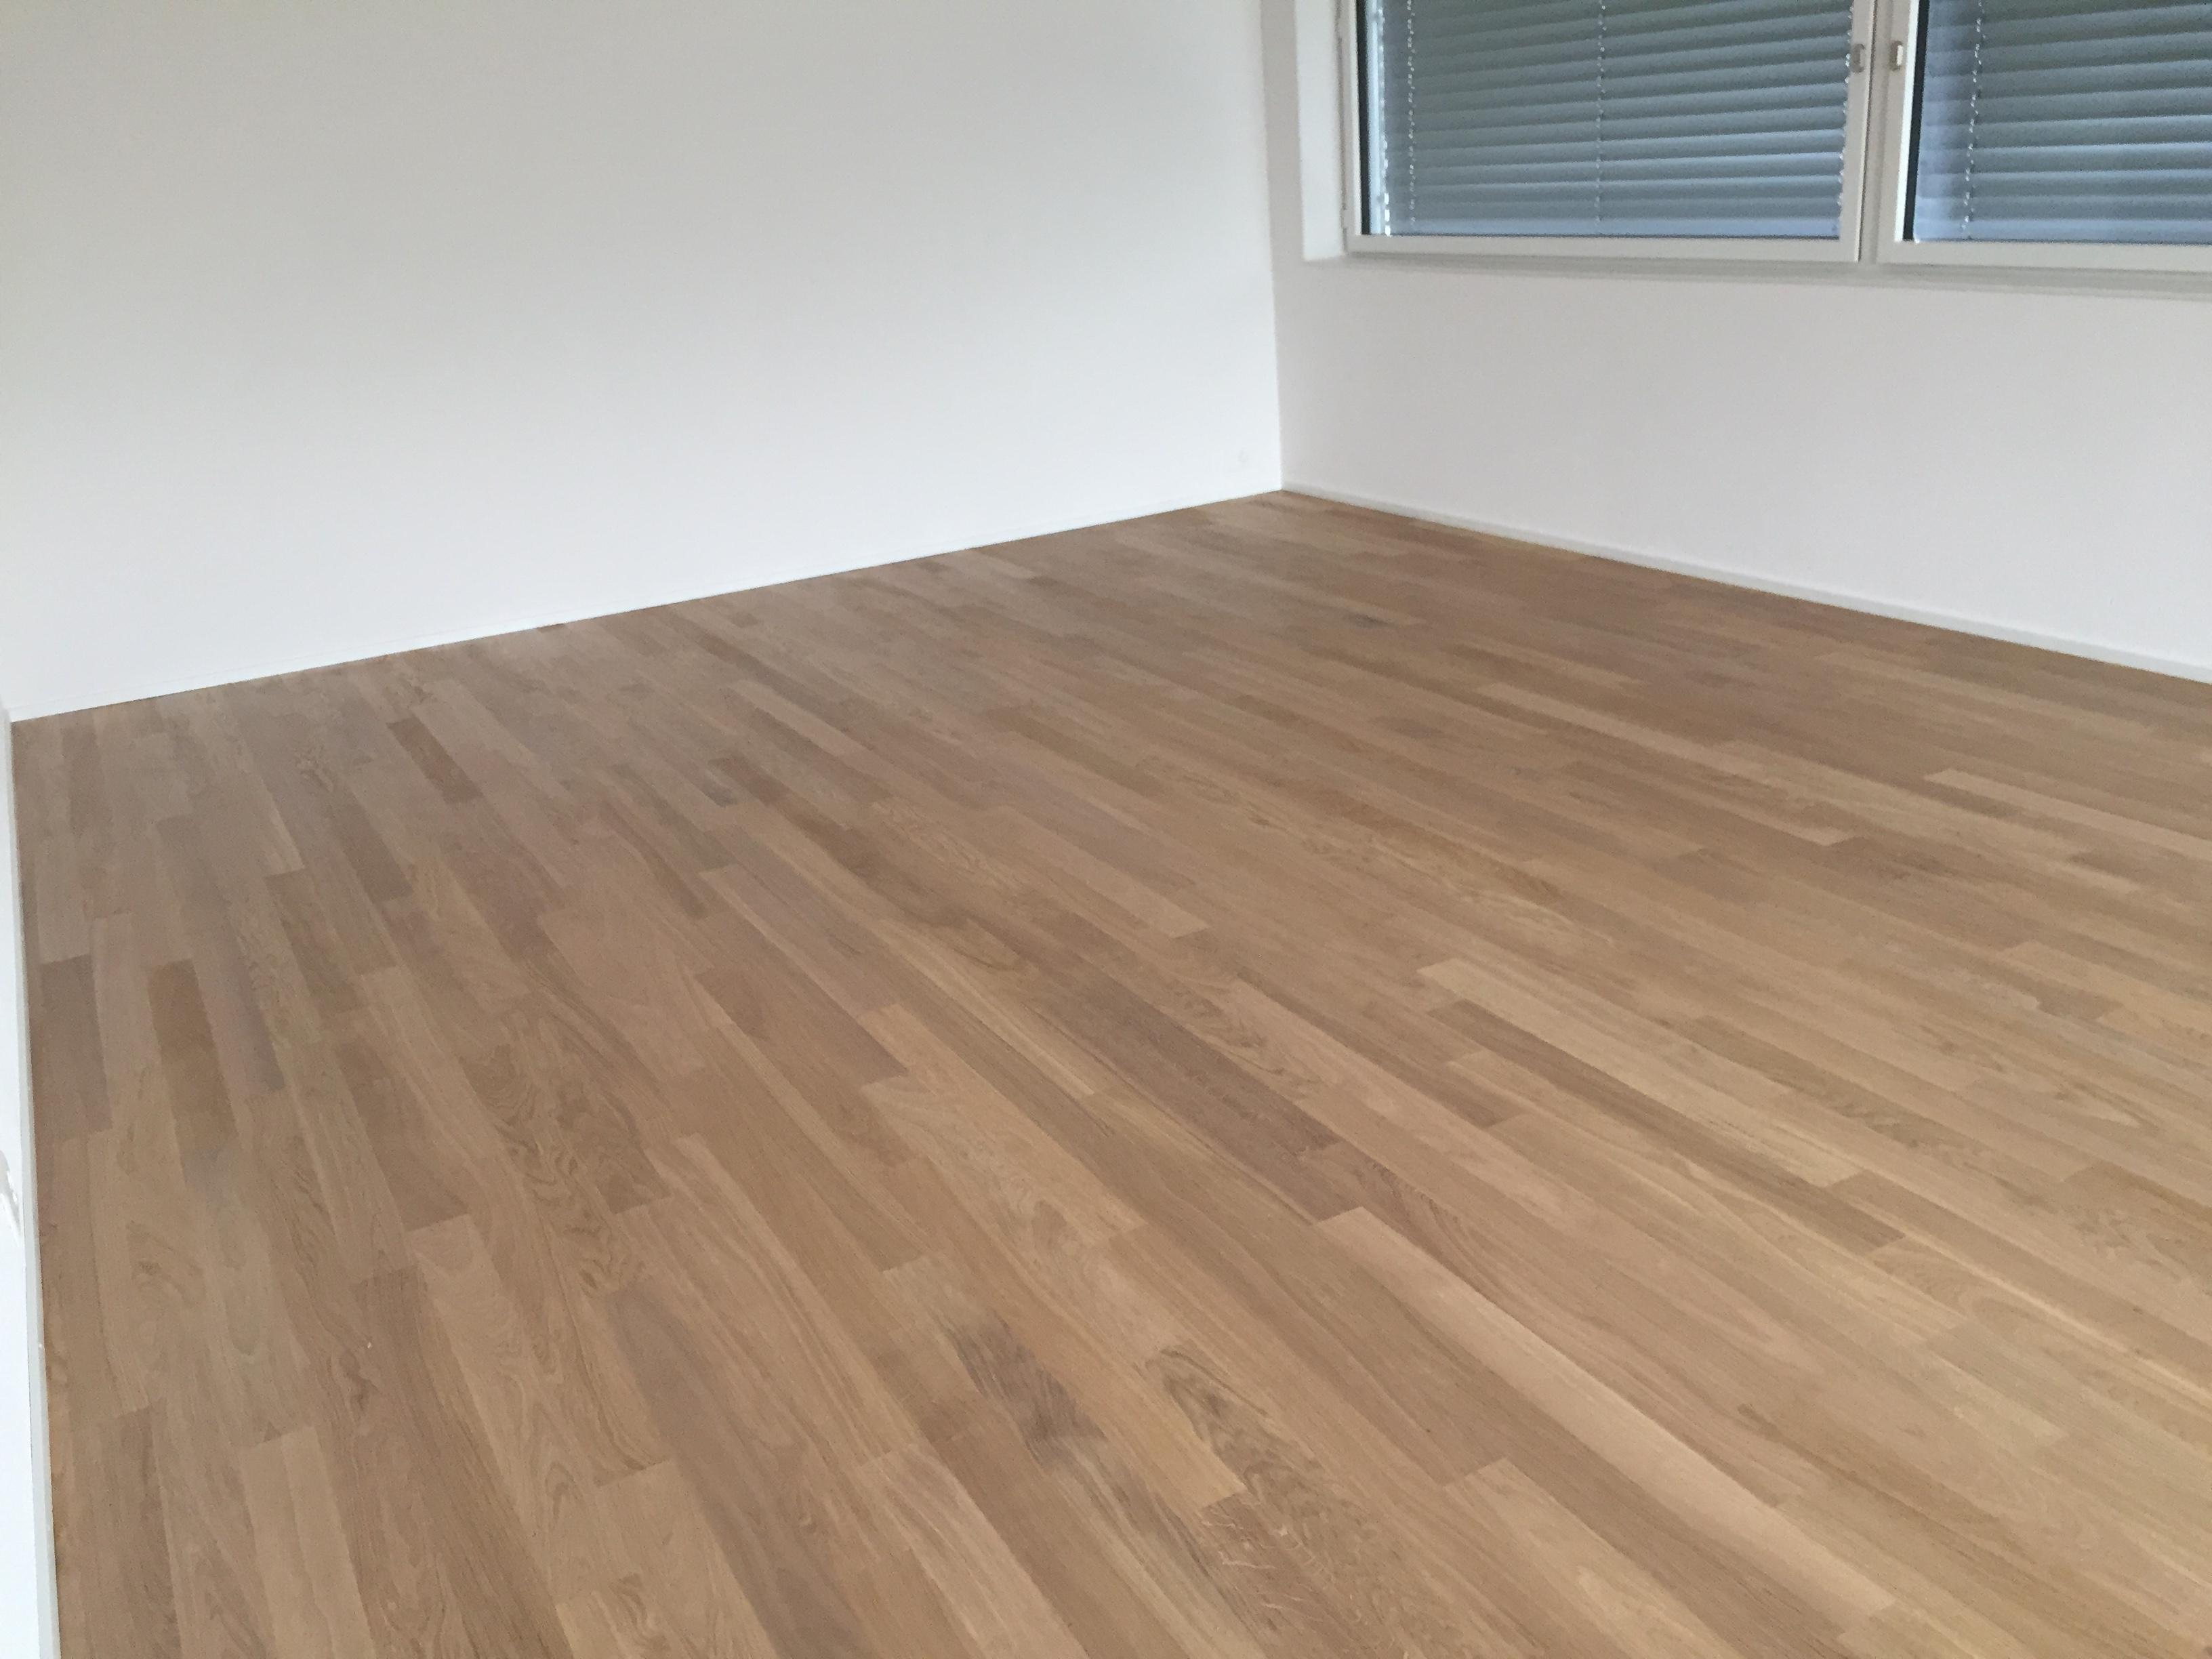 parkett eiche wei simple parkett eiche wei und grau von wohngesund with parkett eiche wei with. Black Bedroom Furniture Sets. Home Design Ideas